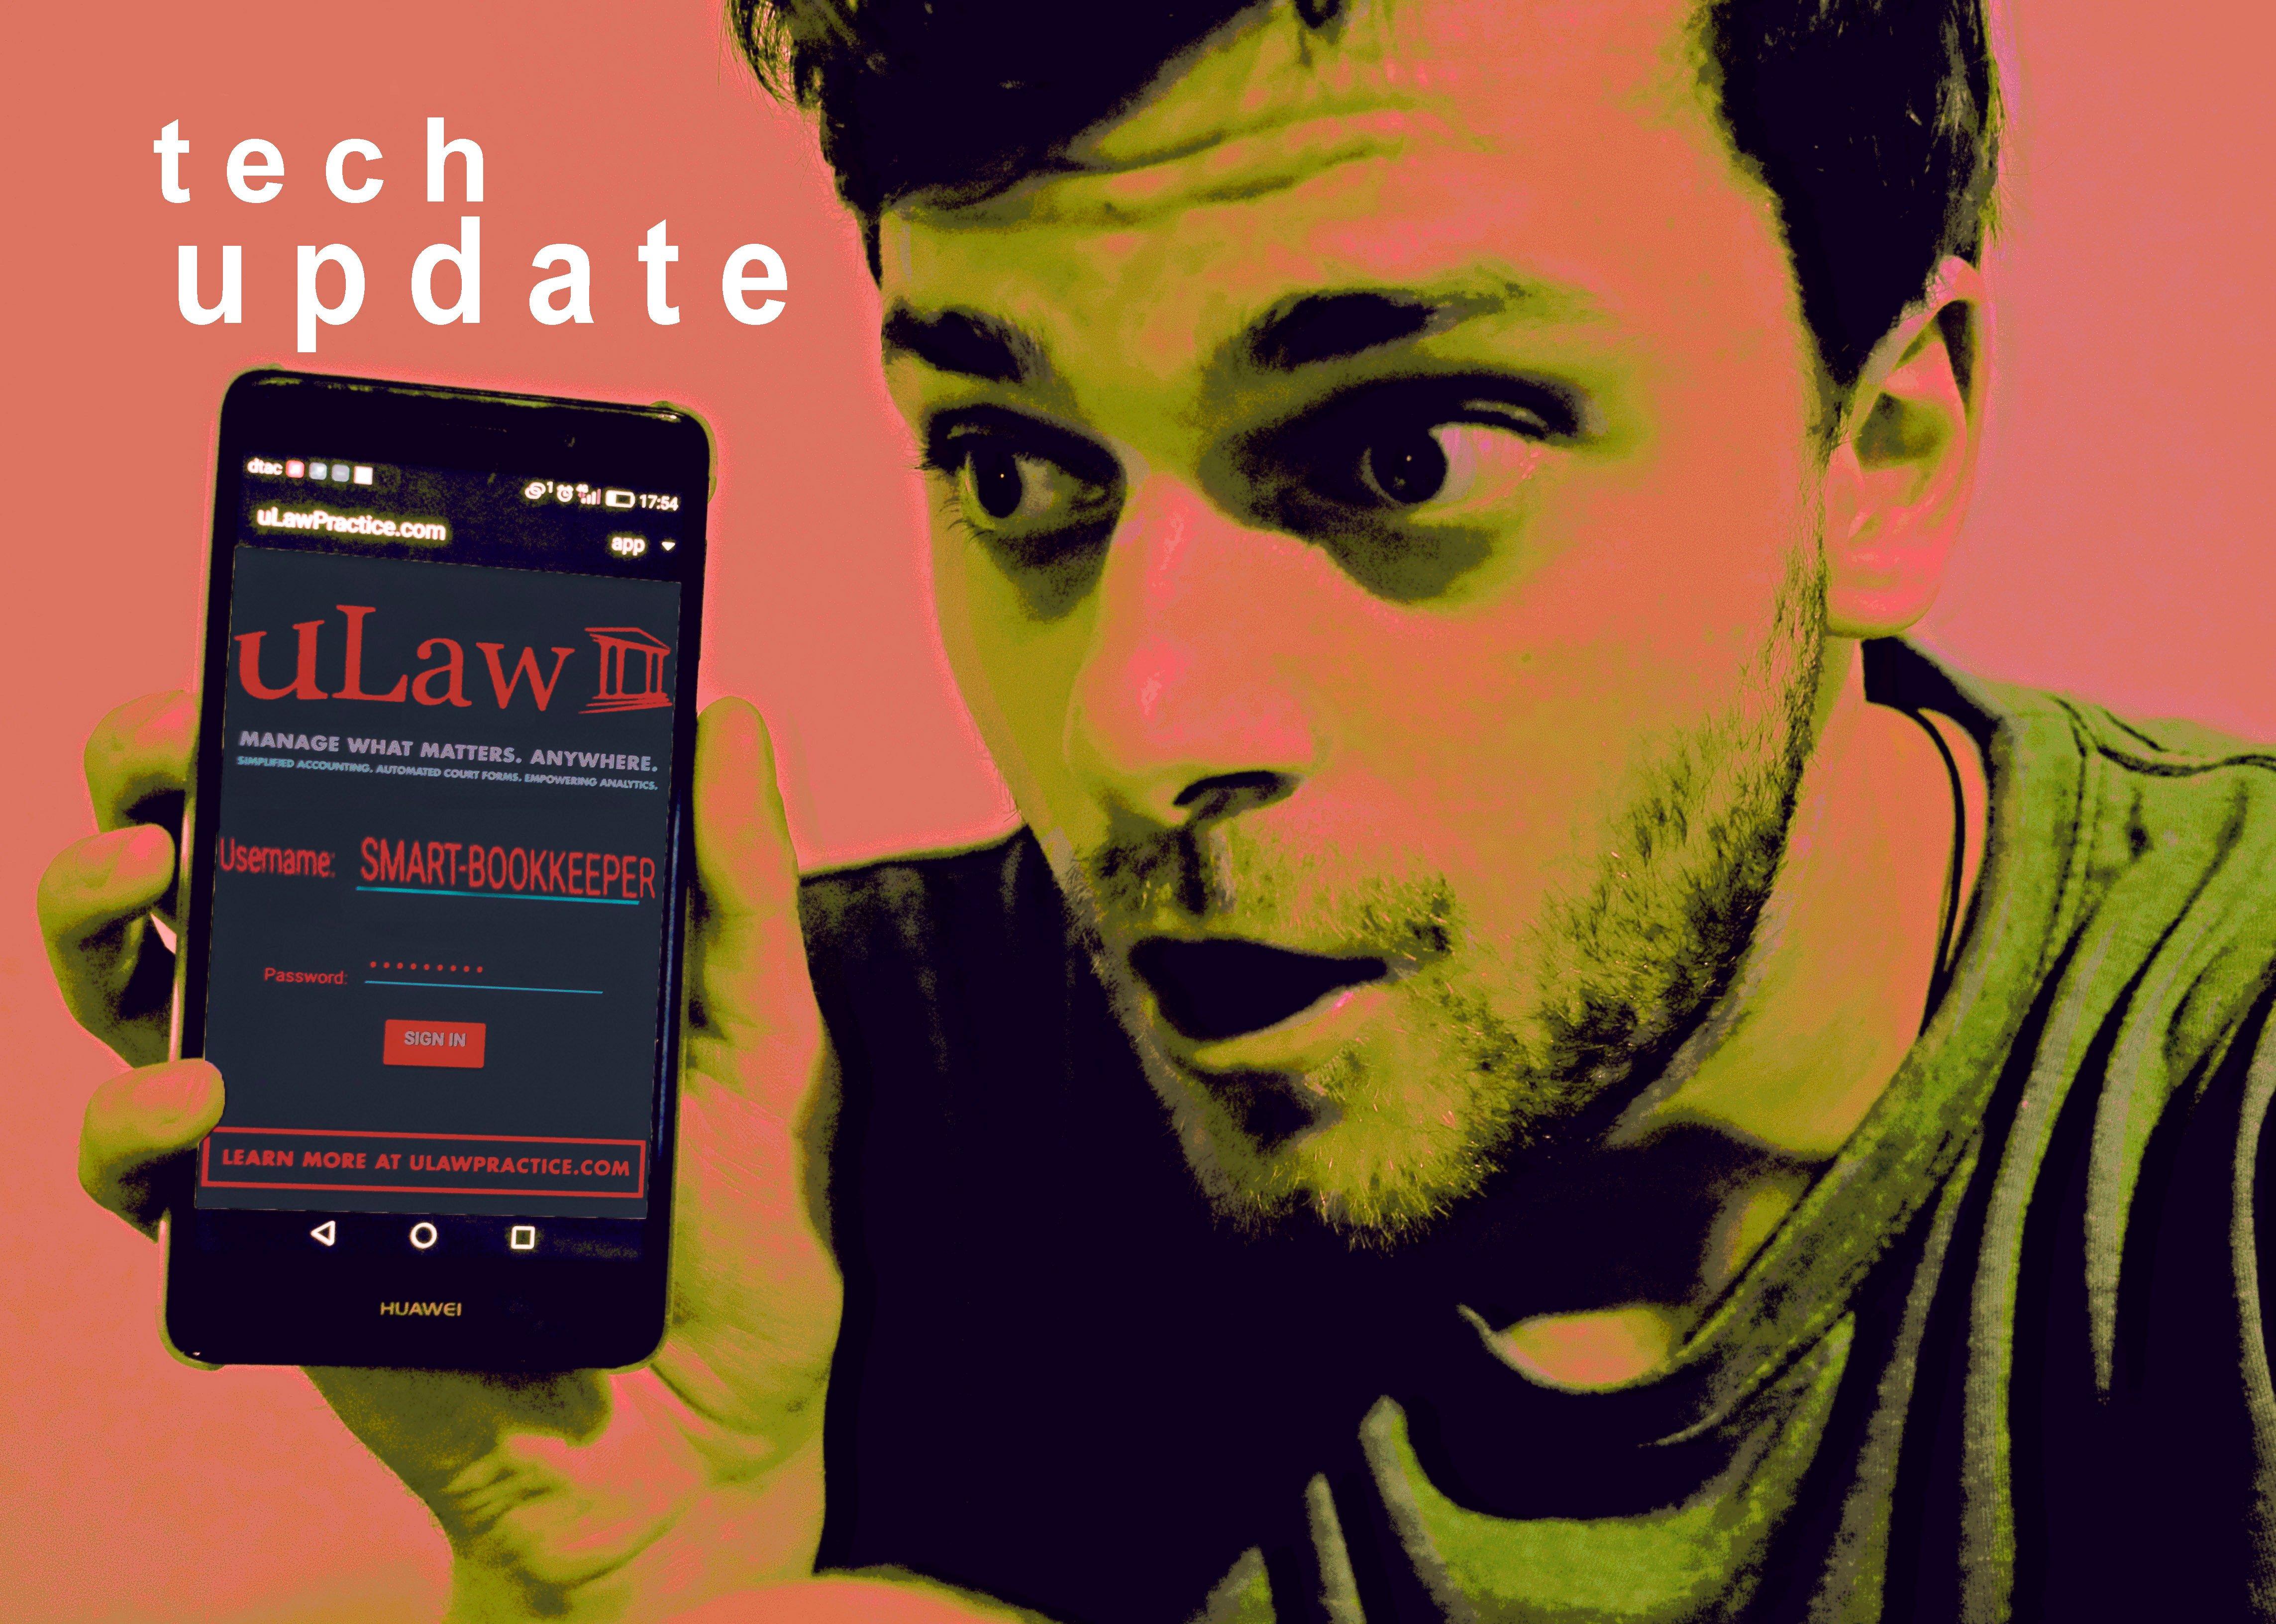 update-tech